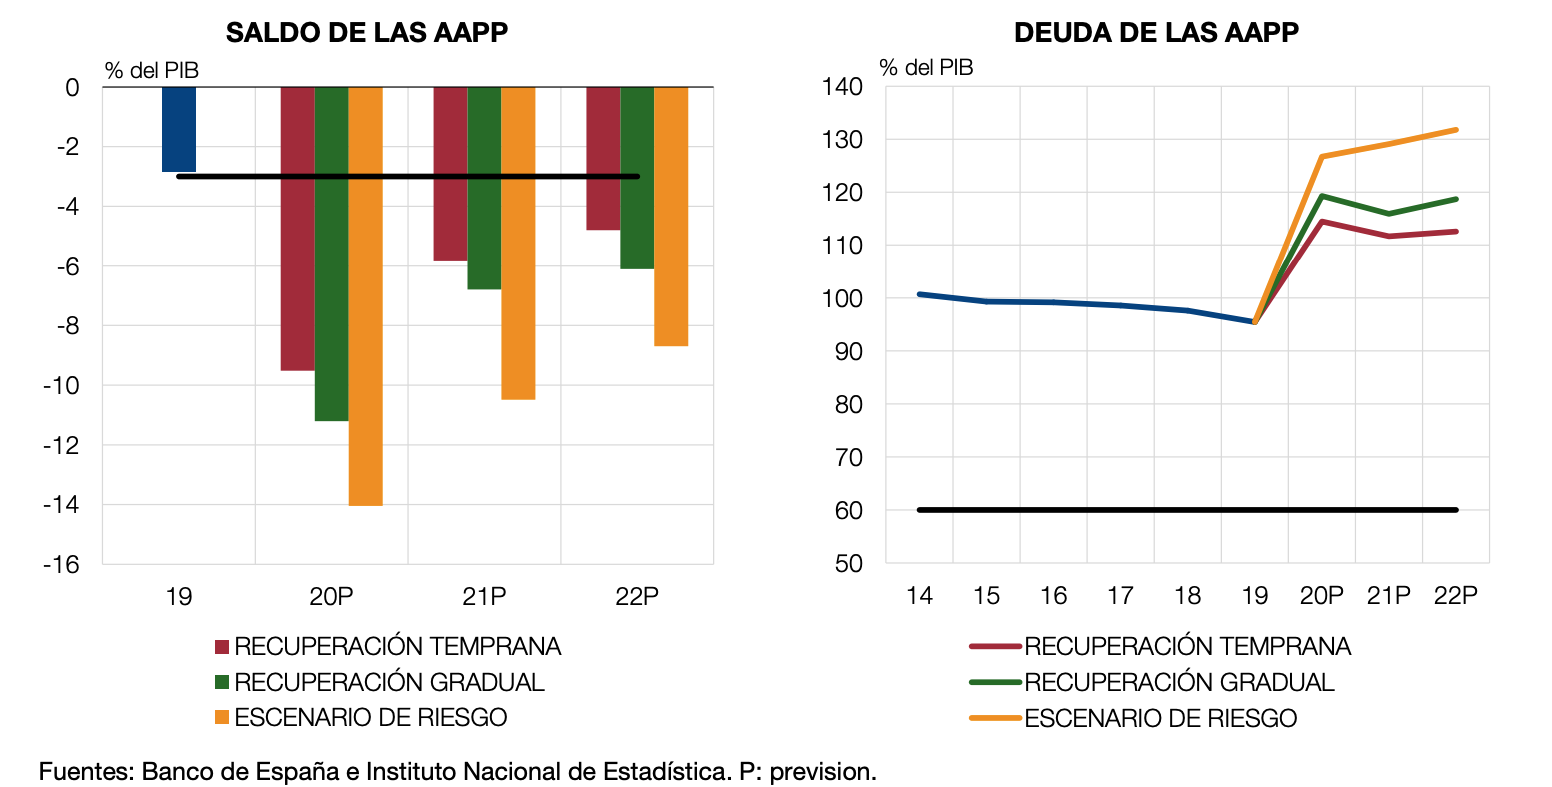 banco-de-espana-deuda-deficit-covid-19.png